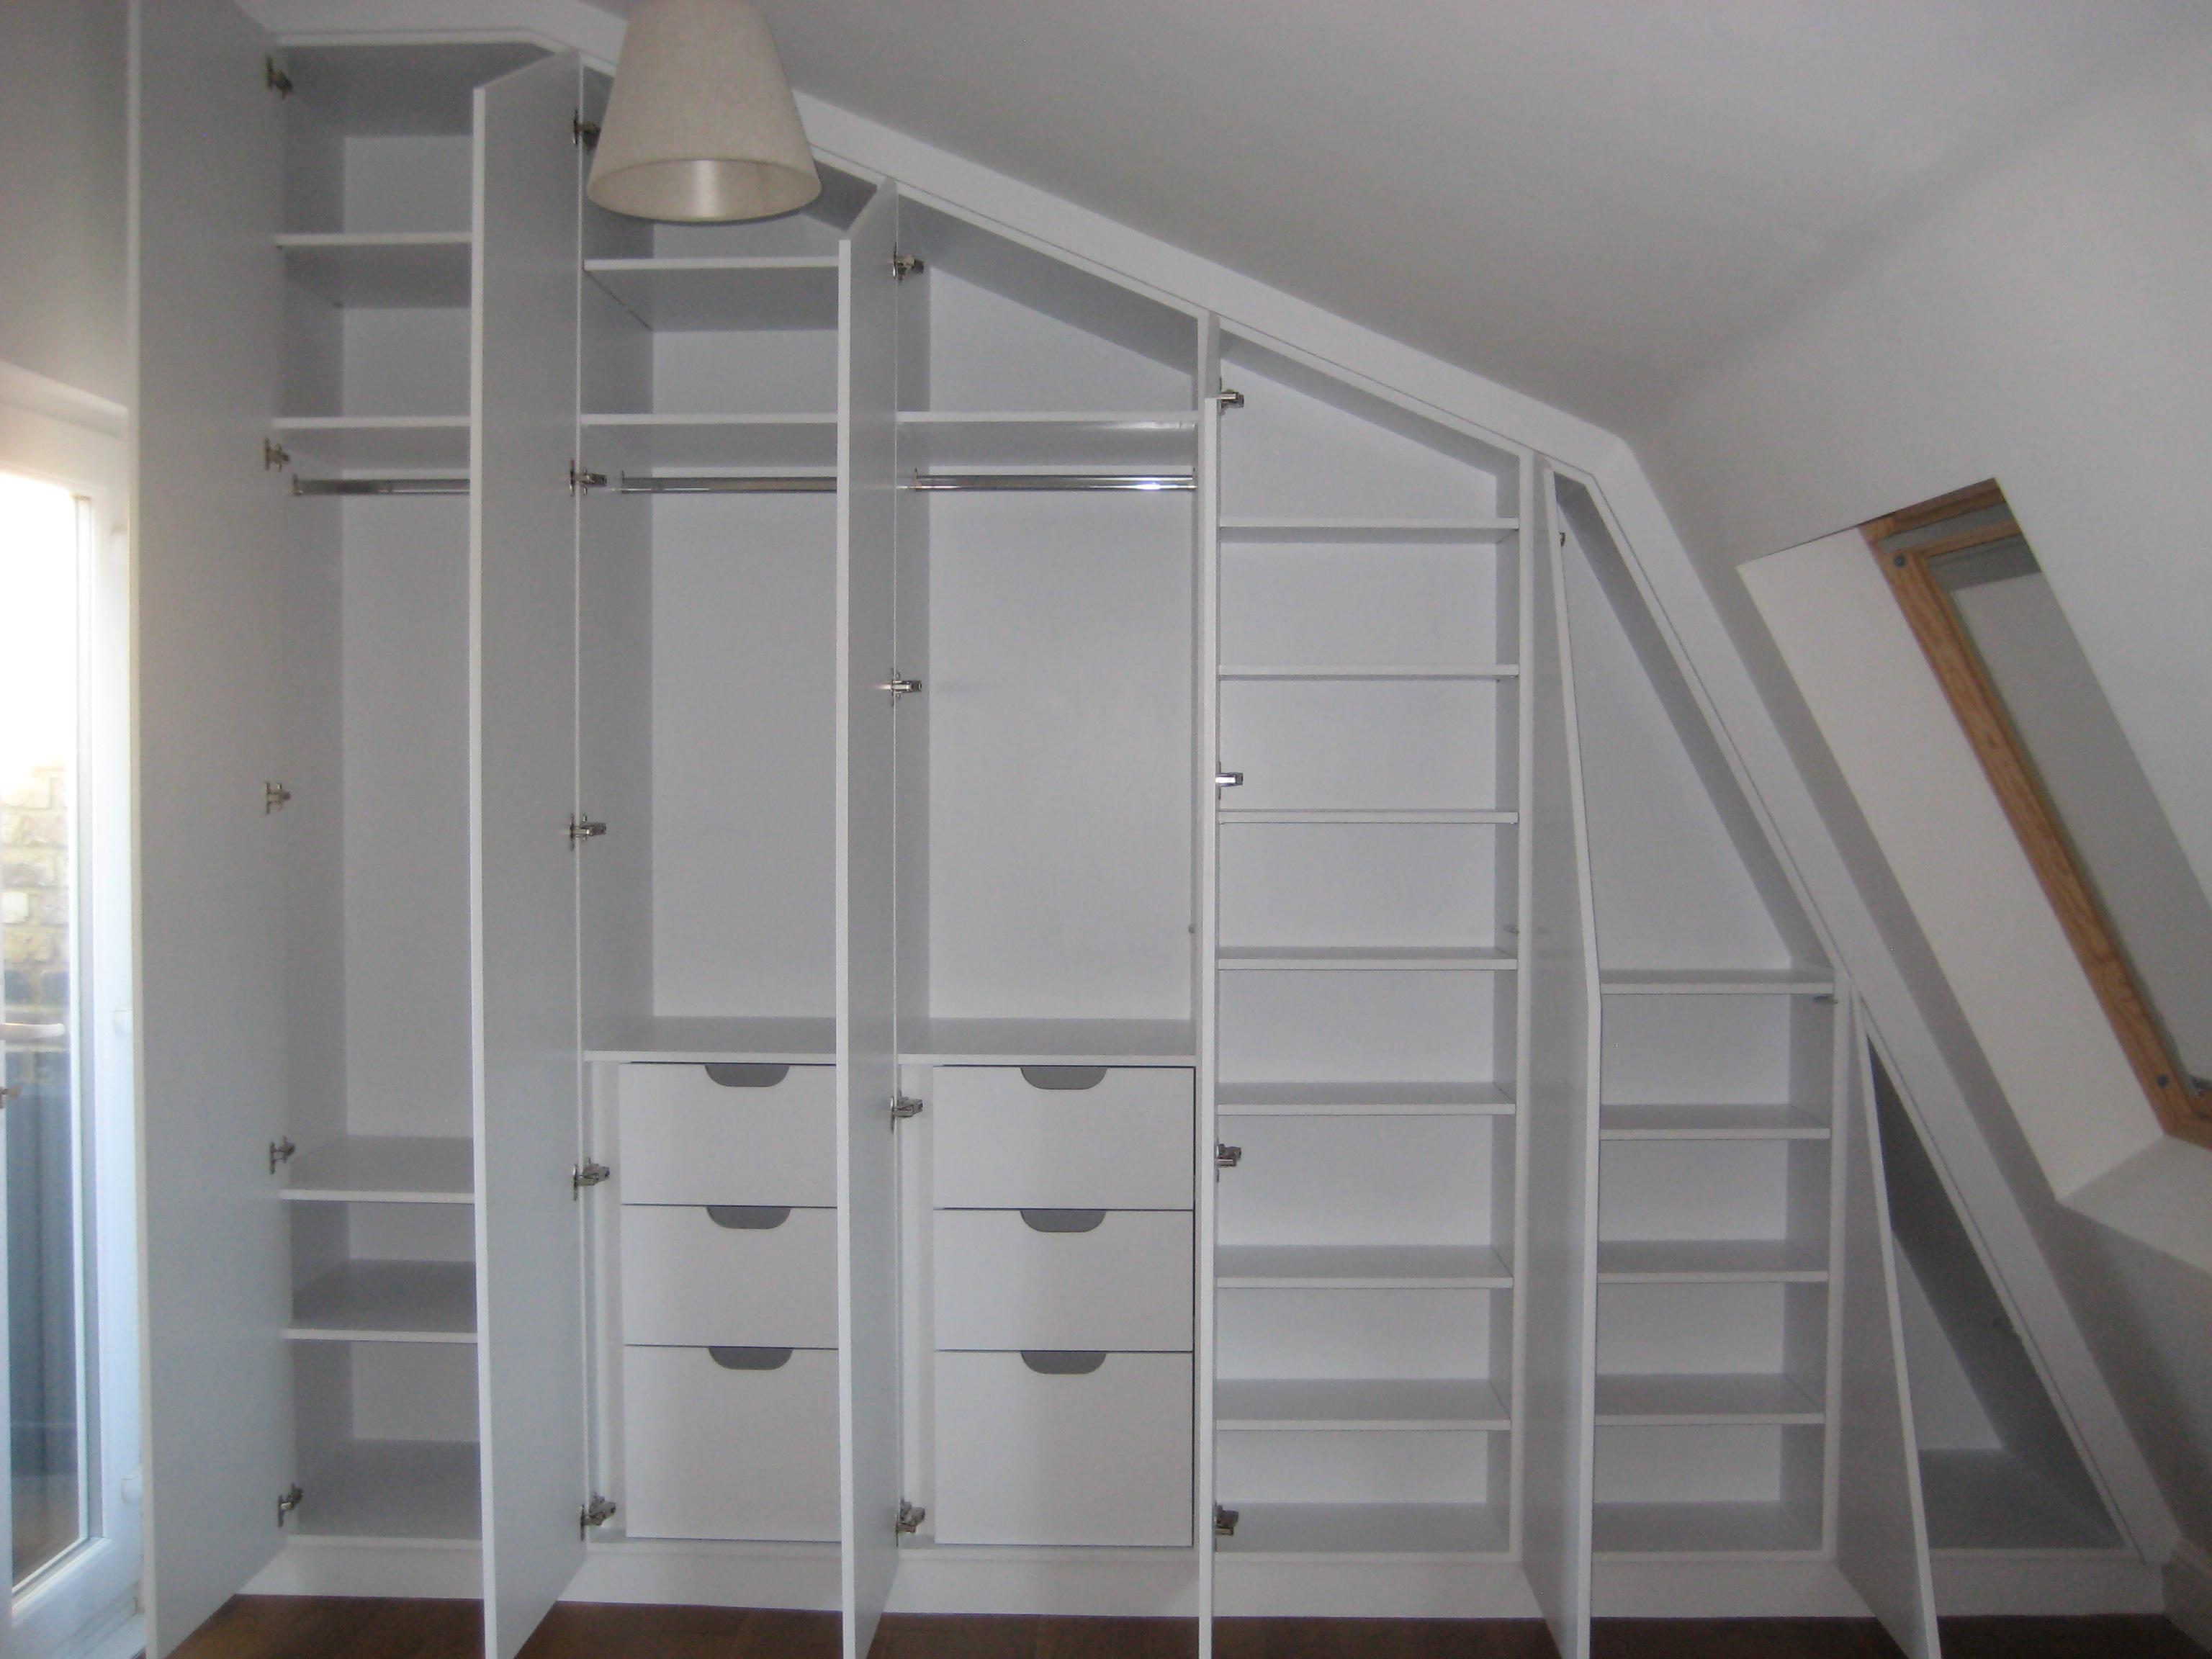 David and Holise inside of angled wardrobe